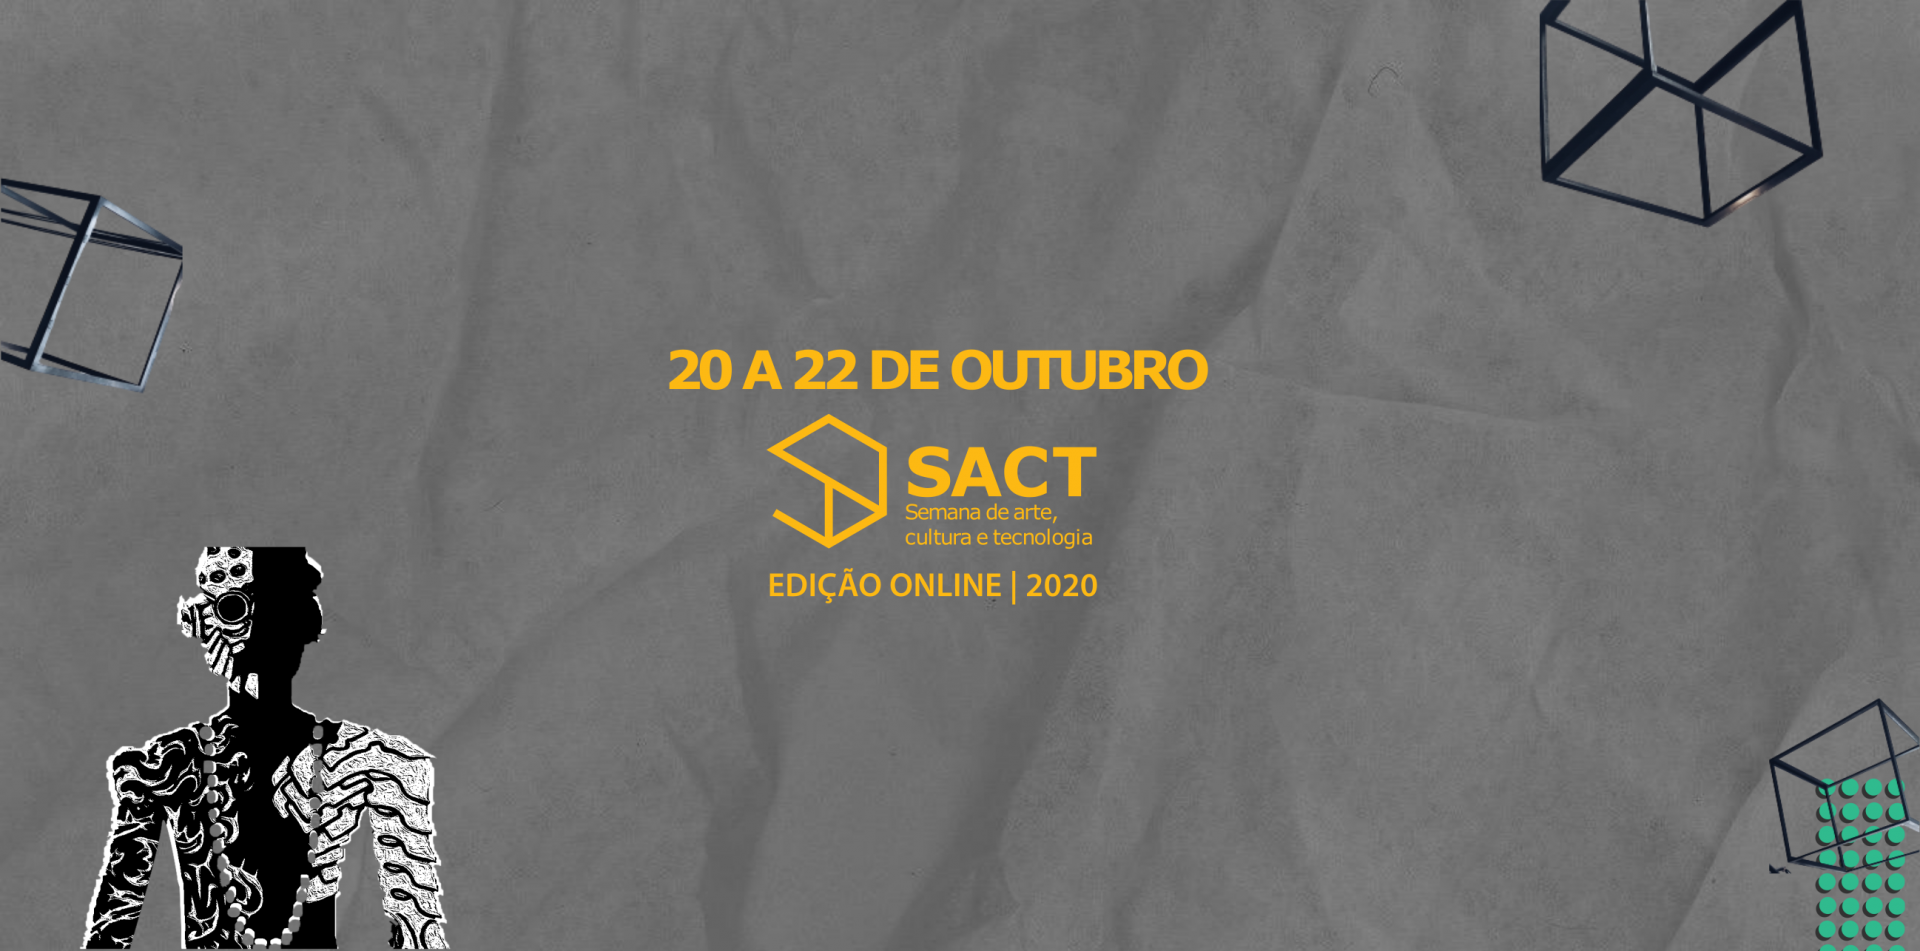 SACT – Semana de Arte, Cultura e Tecnologia